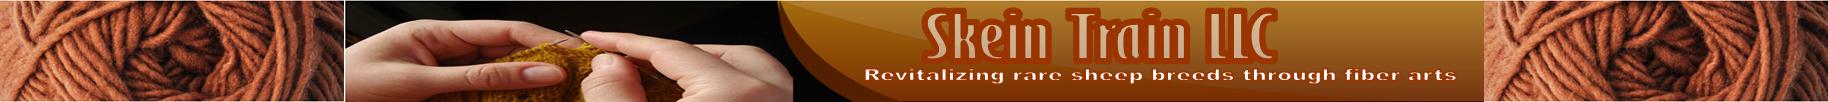 Skein Train Trailer Banner